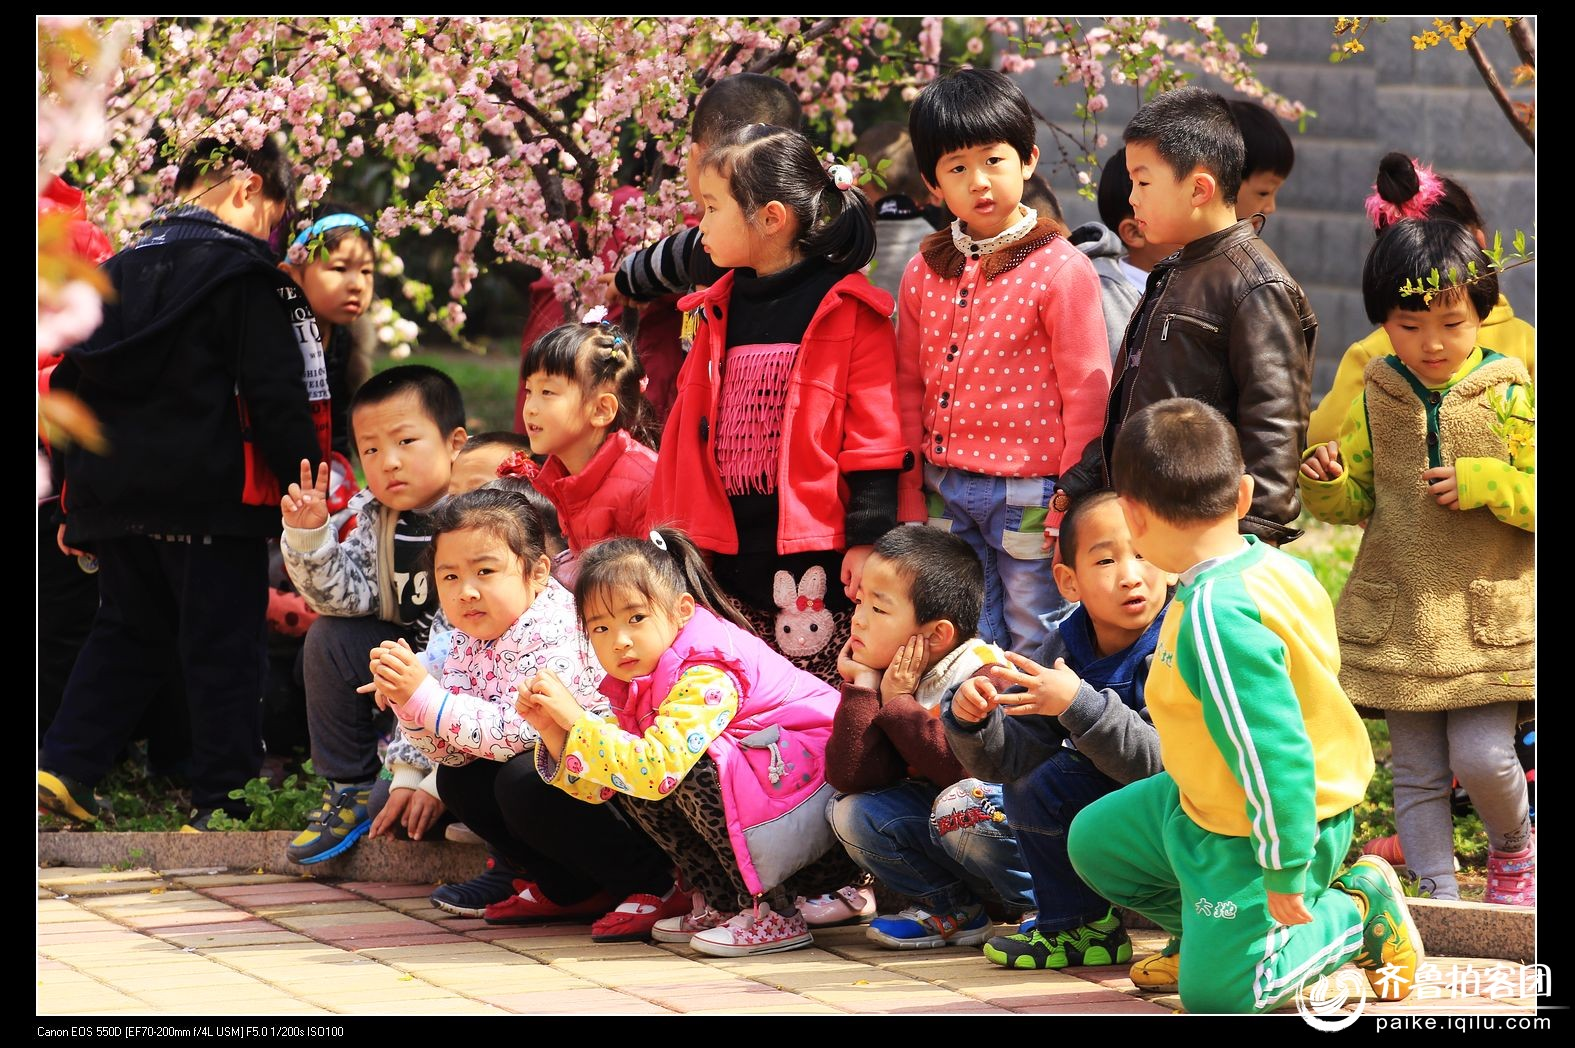 行行摄摄之渤海大地幼儿园的孩子们